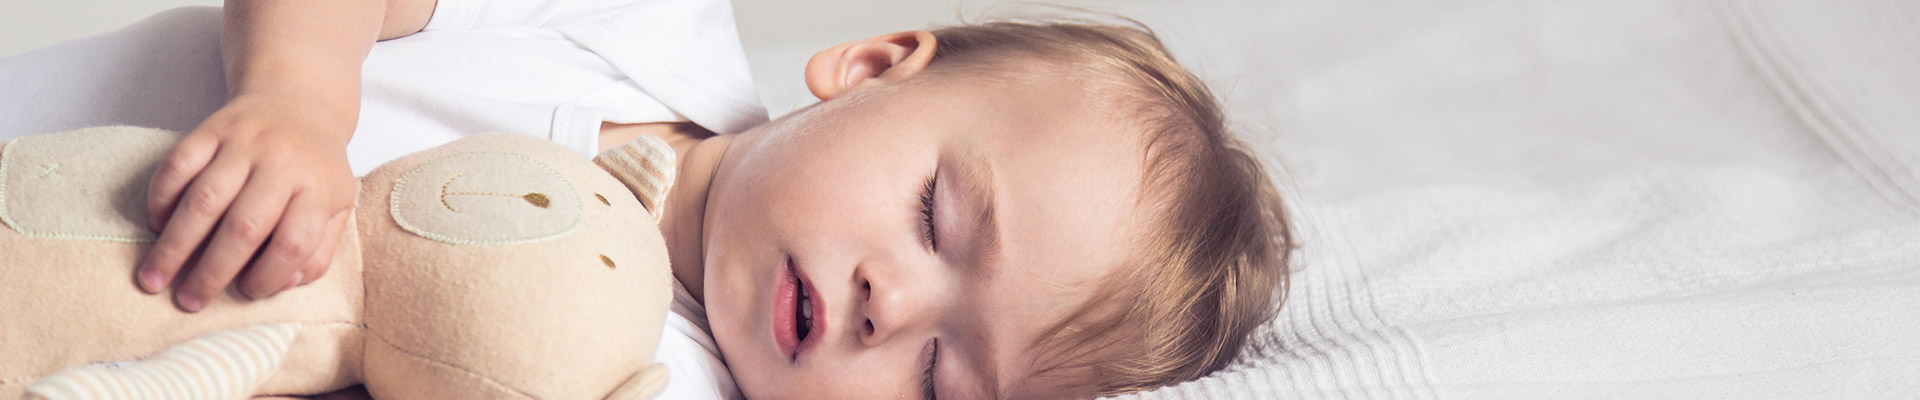 bebedu Hakkında-2386